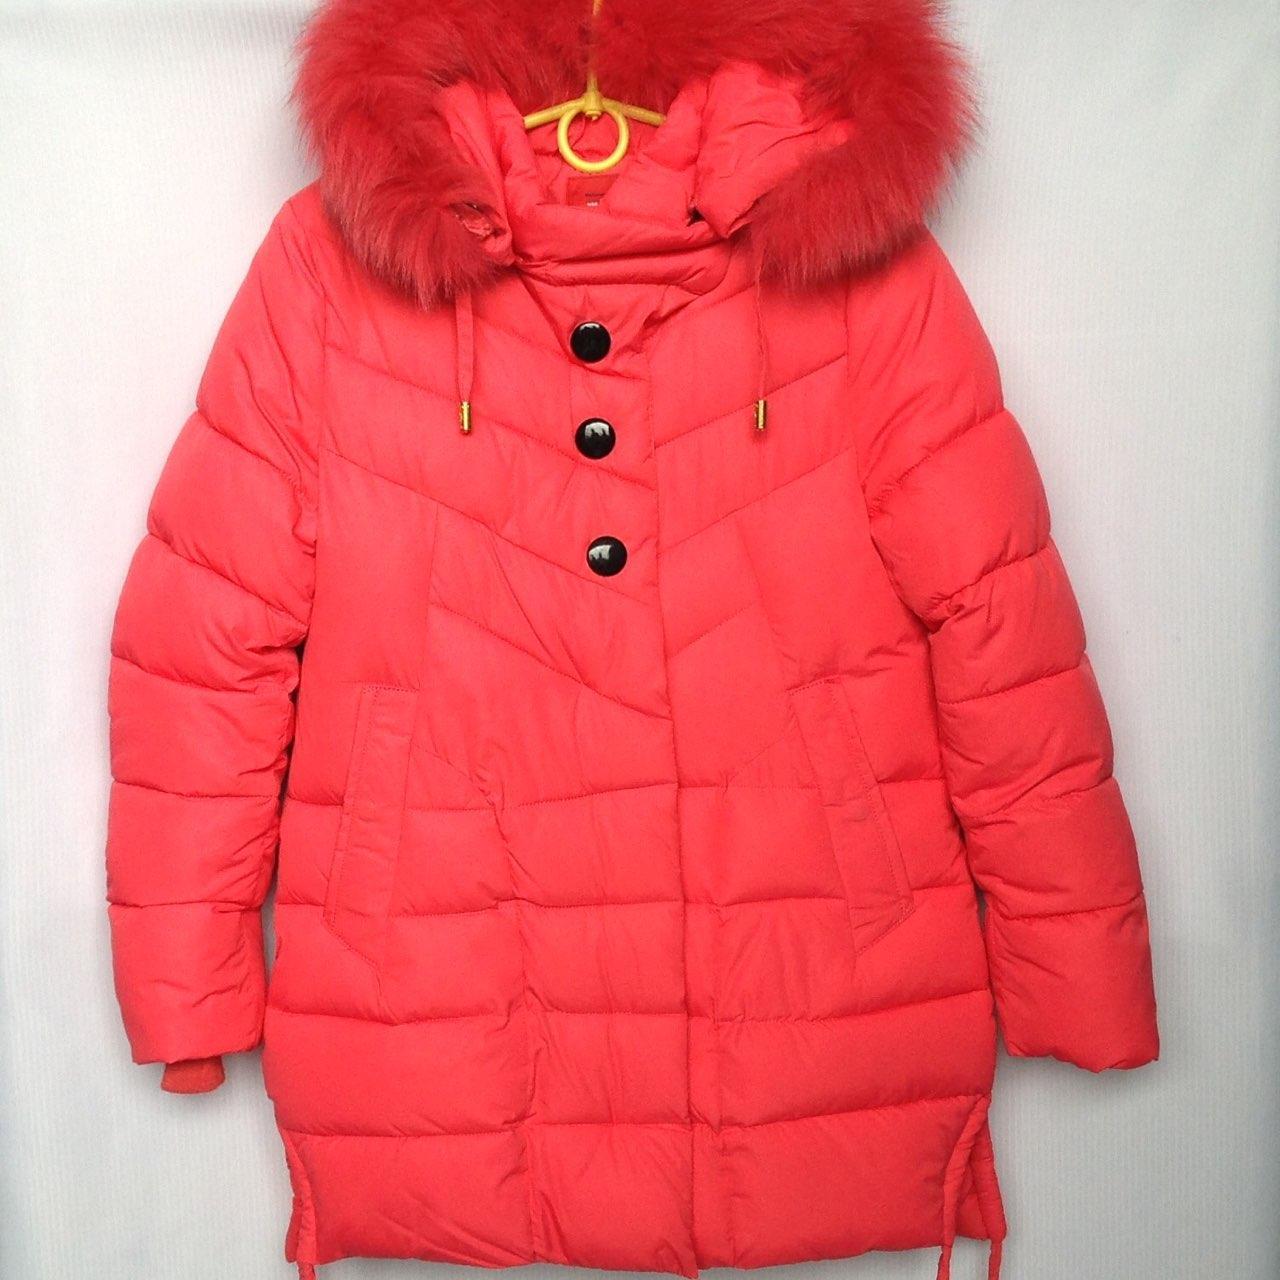 Куртка подростковая зимняя NIKA #6012 для девочек. 134-158 см (9-13 лет). Красная. Оптом.